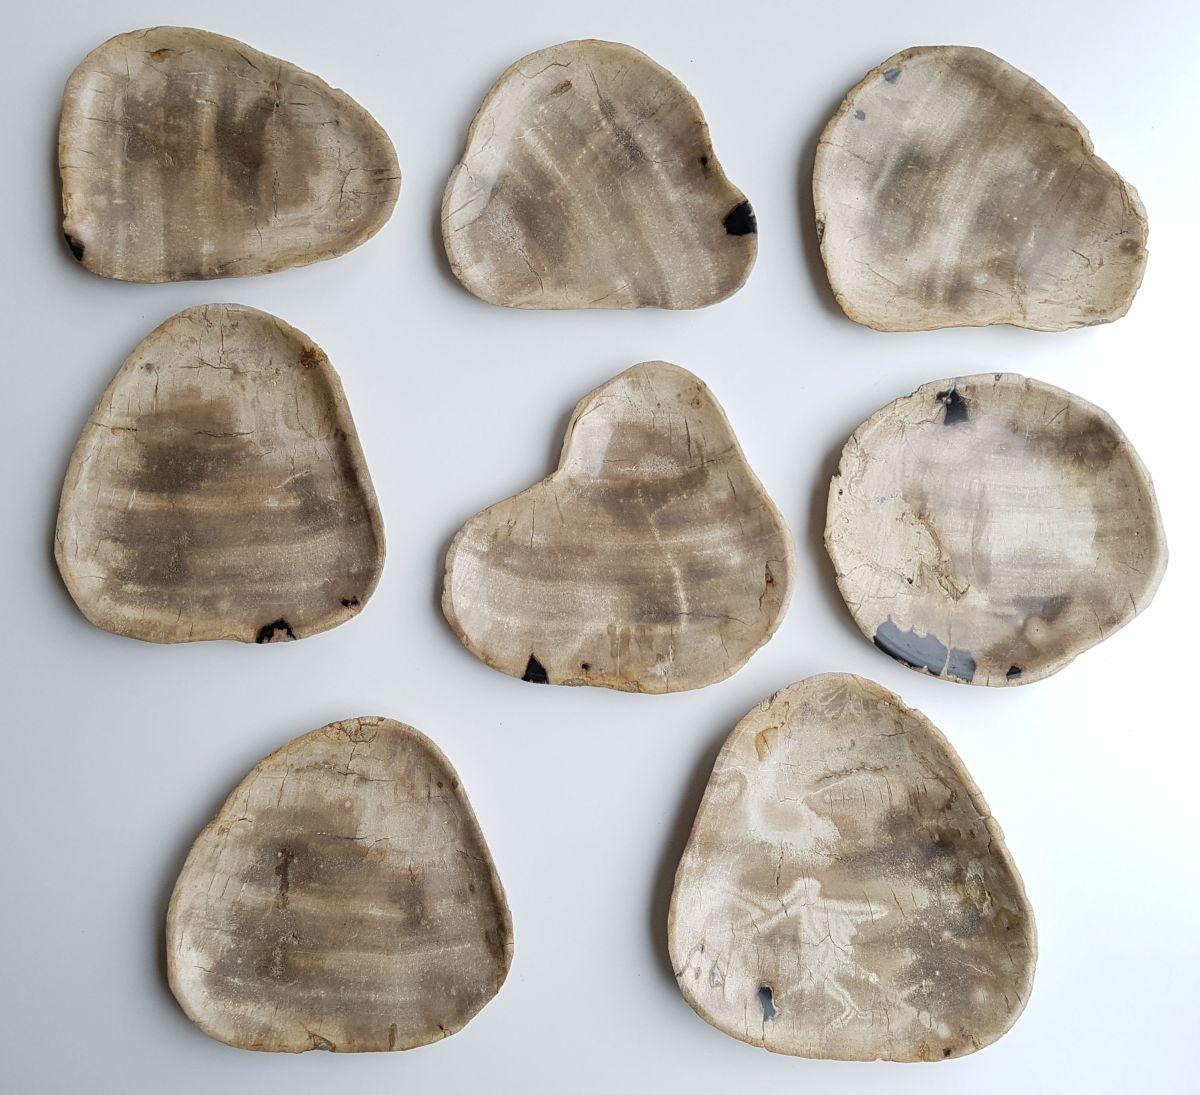 Bord versteend hout 33004g